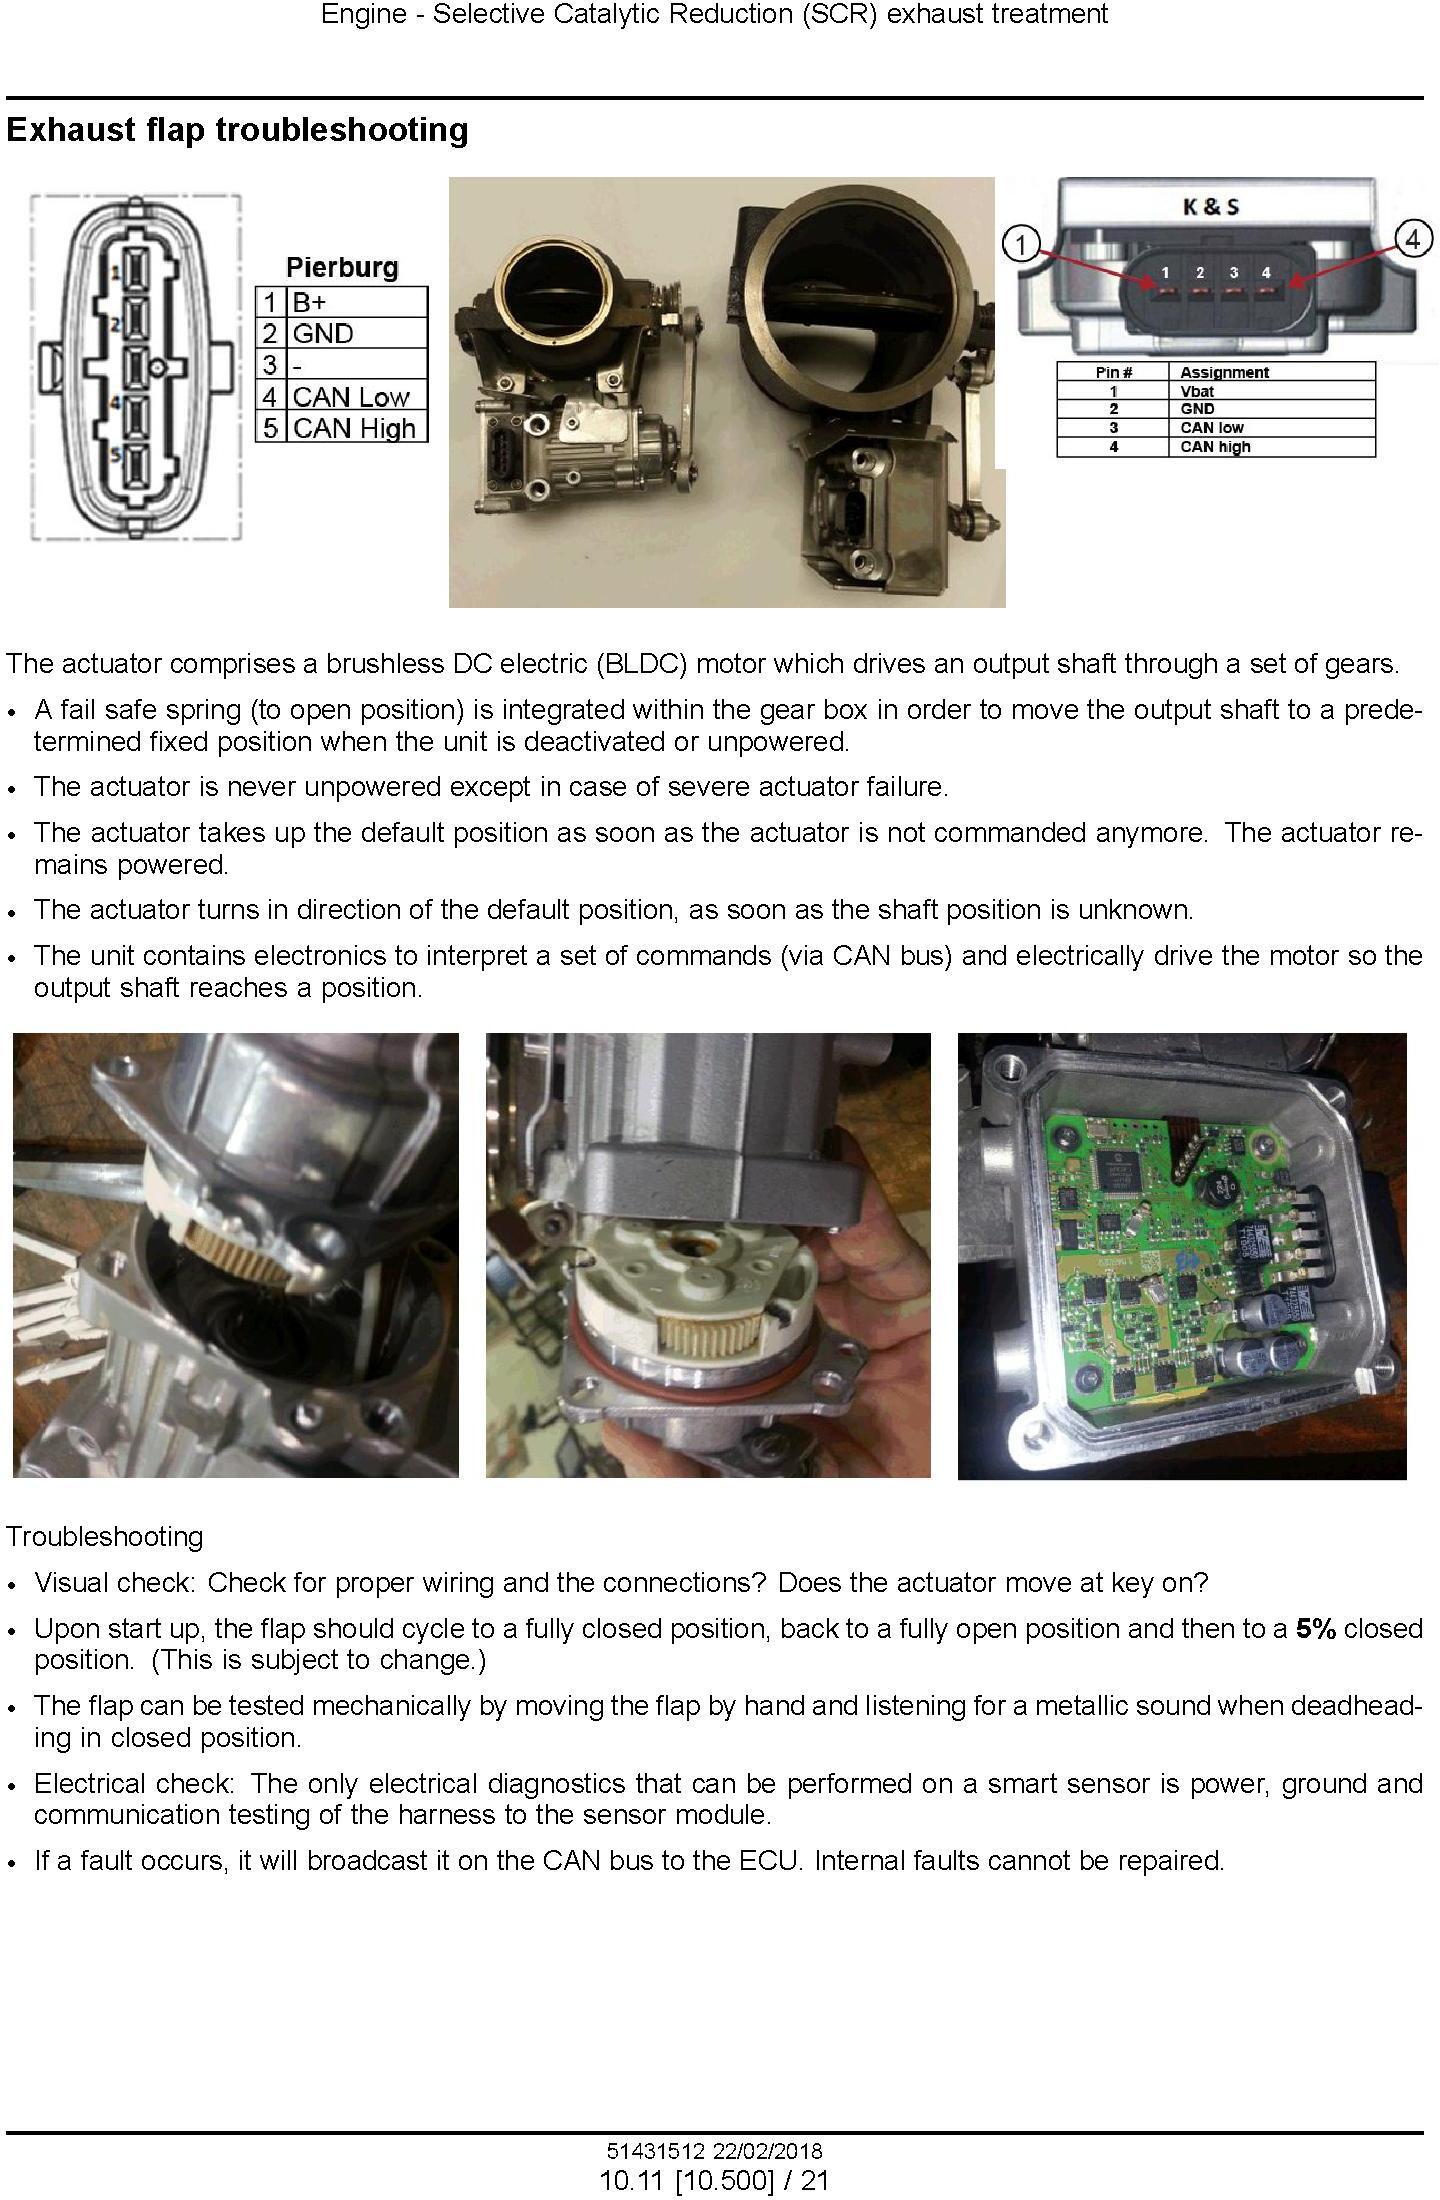 New Holland T8.320, T8.350, T8.380, T8.410, T8.435 & SmartTrax CVT Tractor Tier4B USA Service Manual - 2